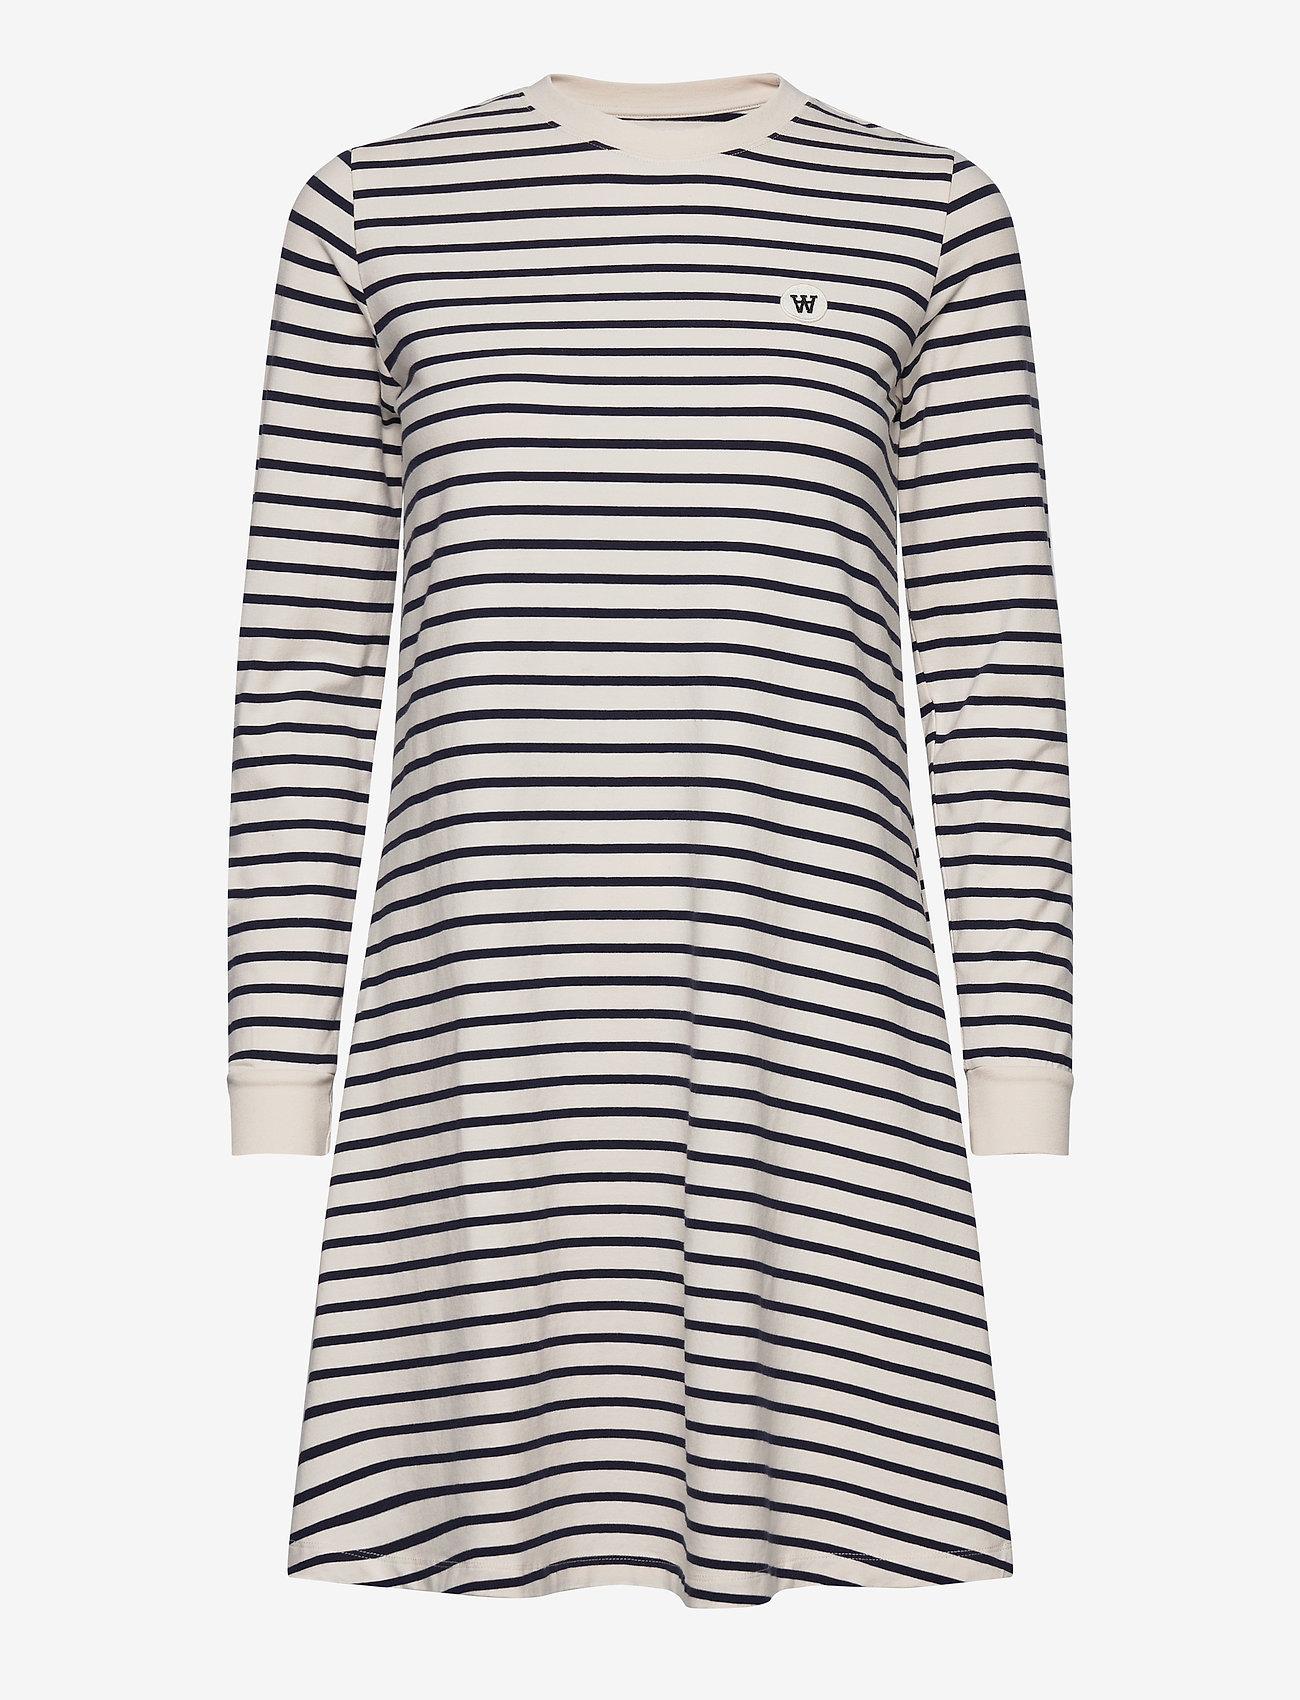 Wood Wood - Isa dress - sommerkjoler - off-white/navy stripes - 0